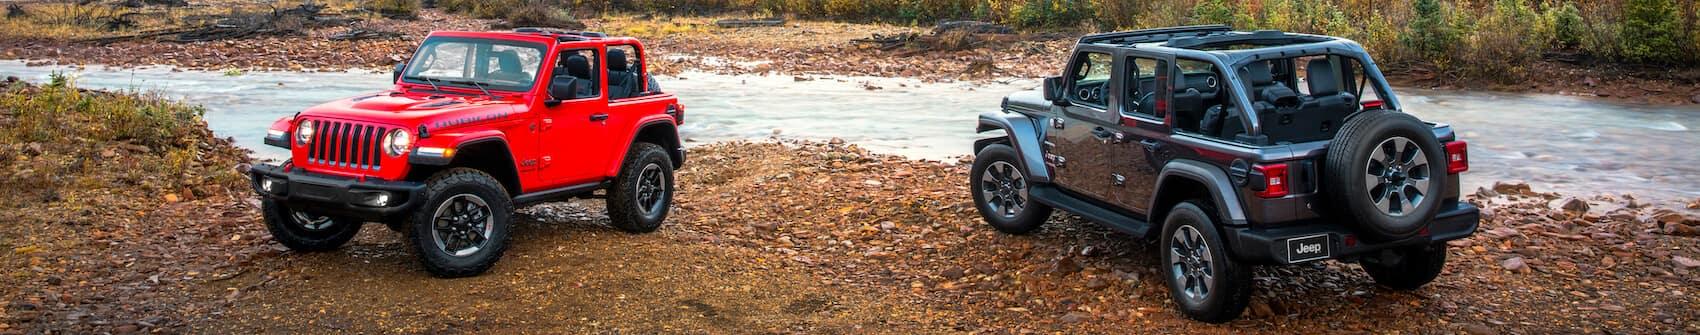 2021 Jeep Wrangler 4xe Preview